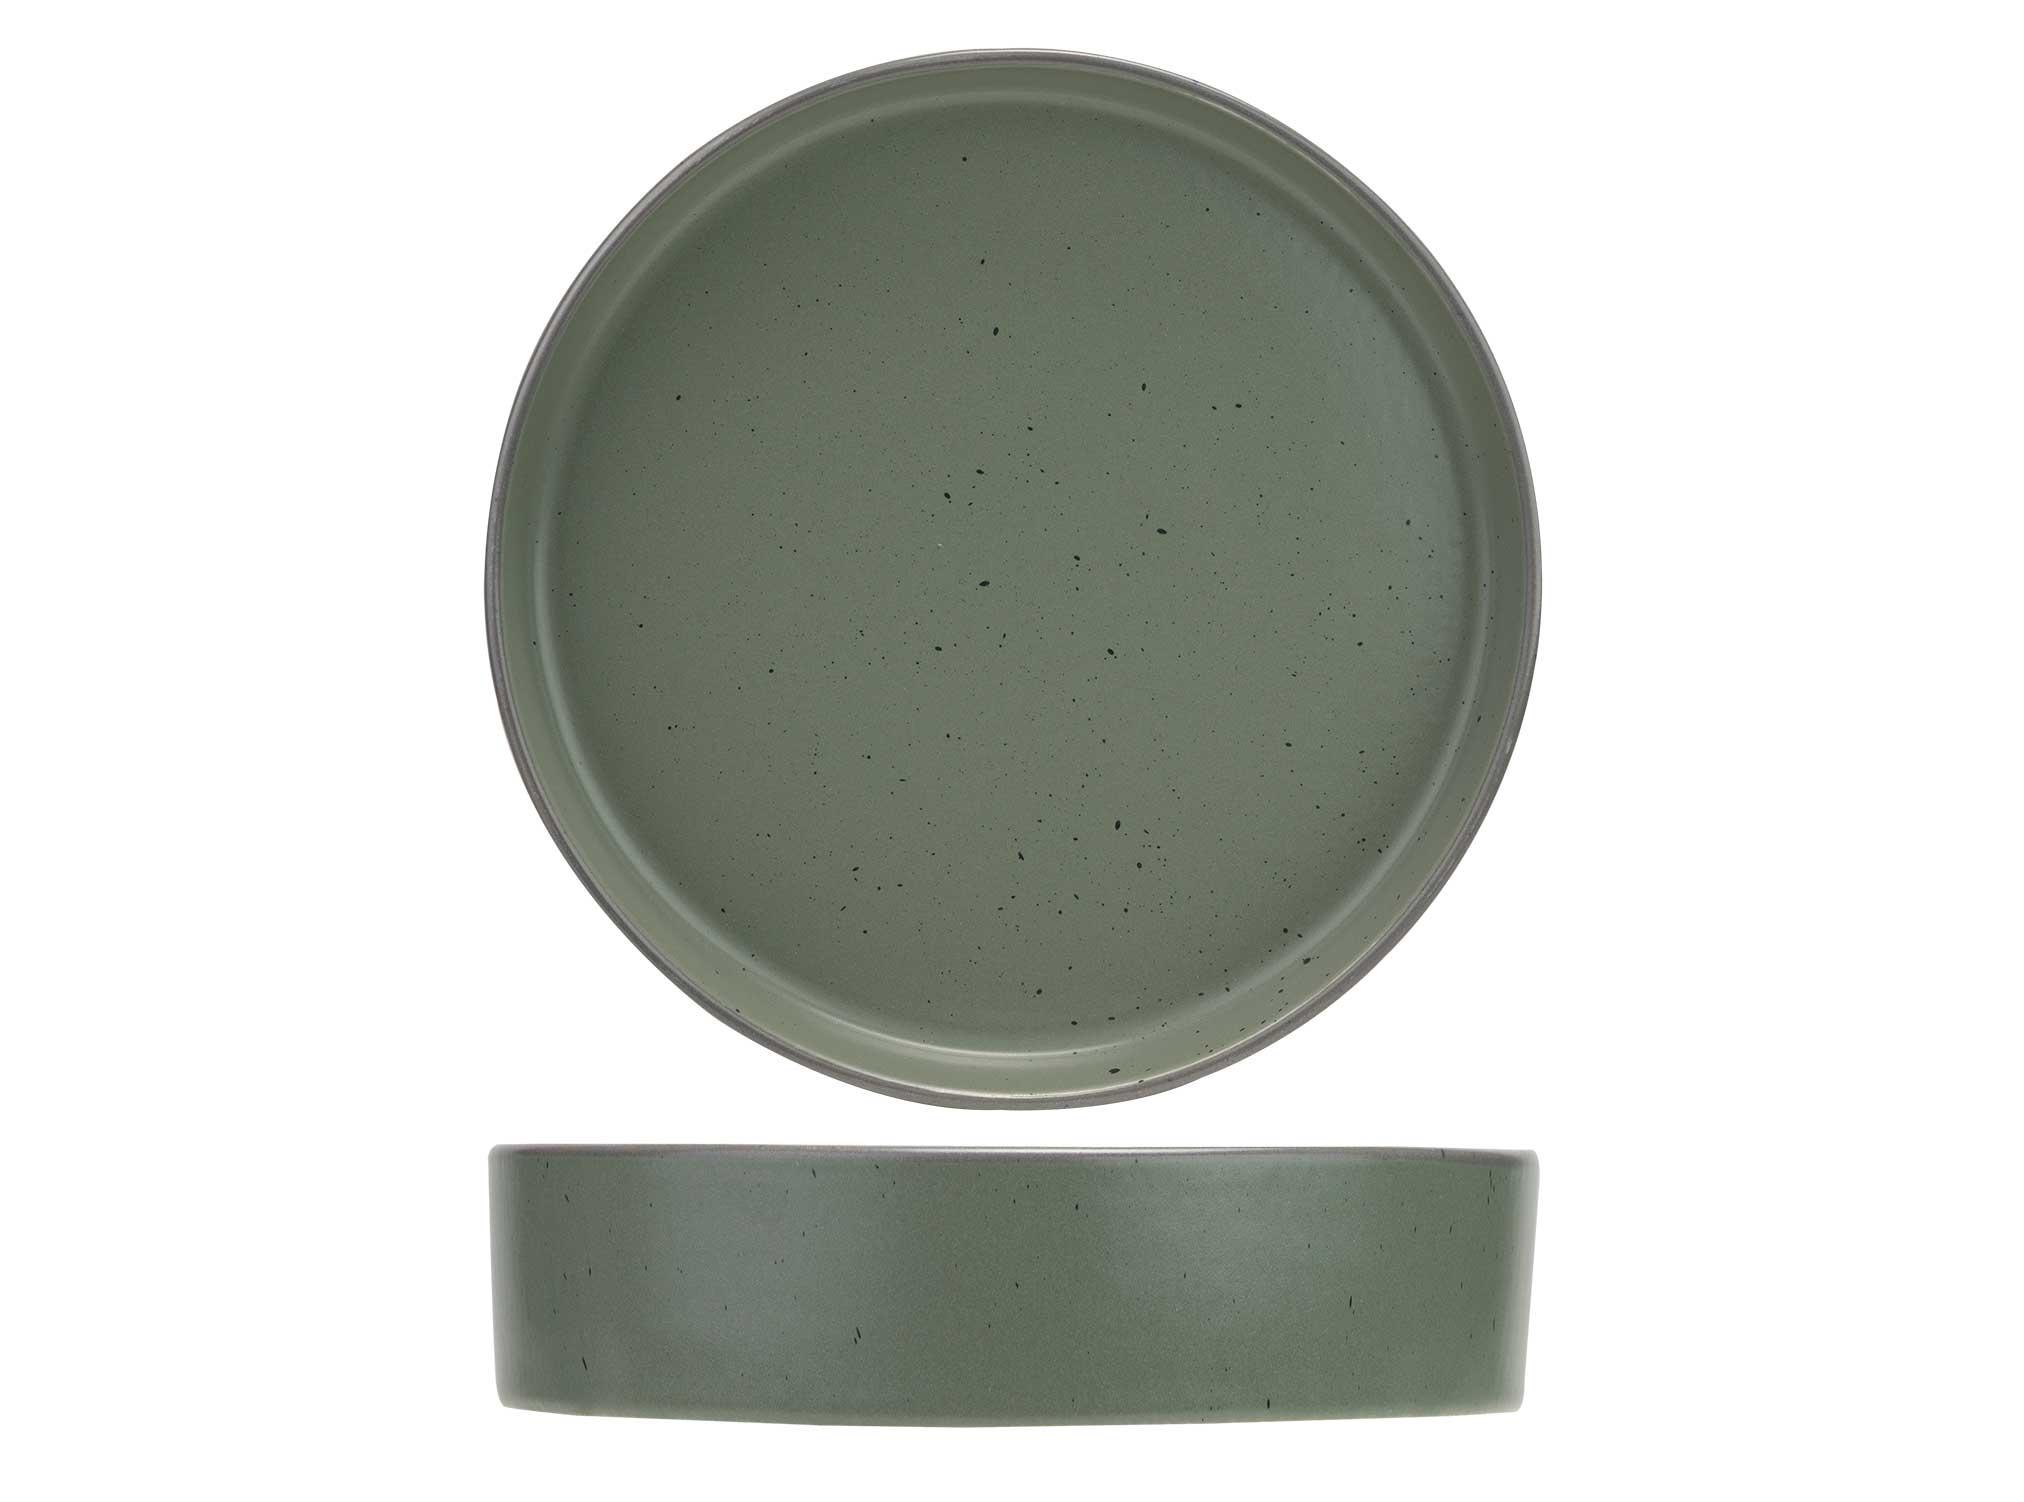 Cosy & Trendy Cosy & Trendy Copenhague Mist Green Dessertbord 21x5cm 8821121